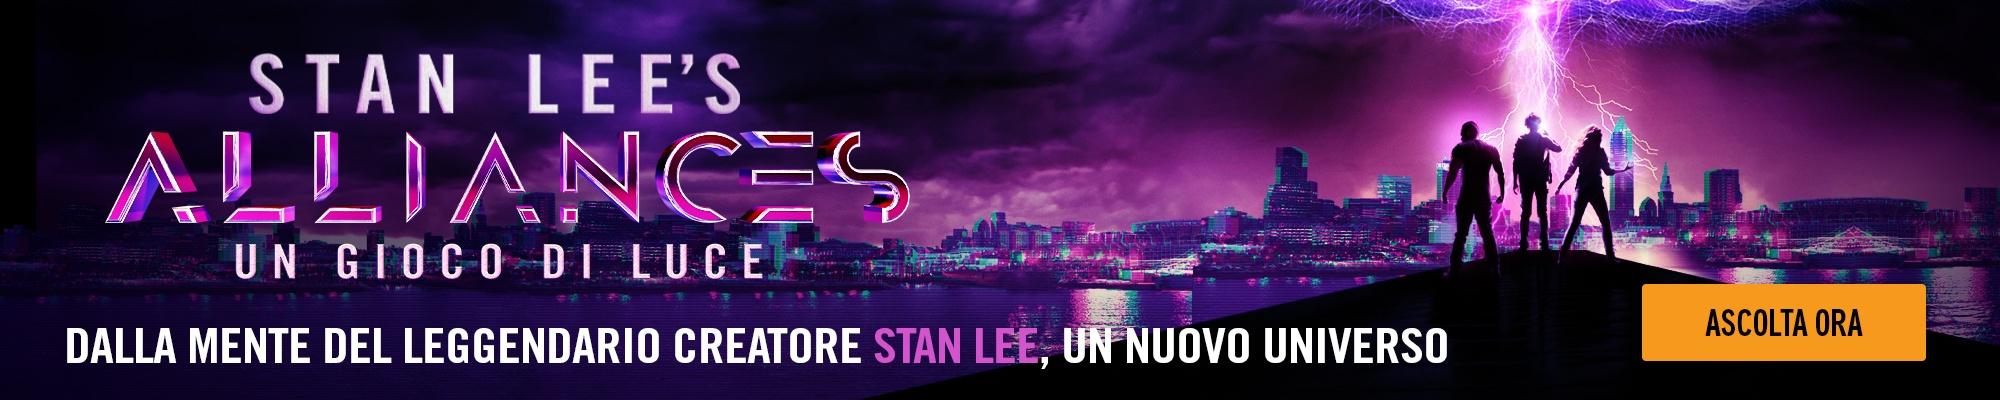 Dalla mente del leggendario creatore Stan Lee, un nuovo universo